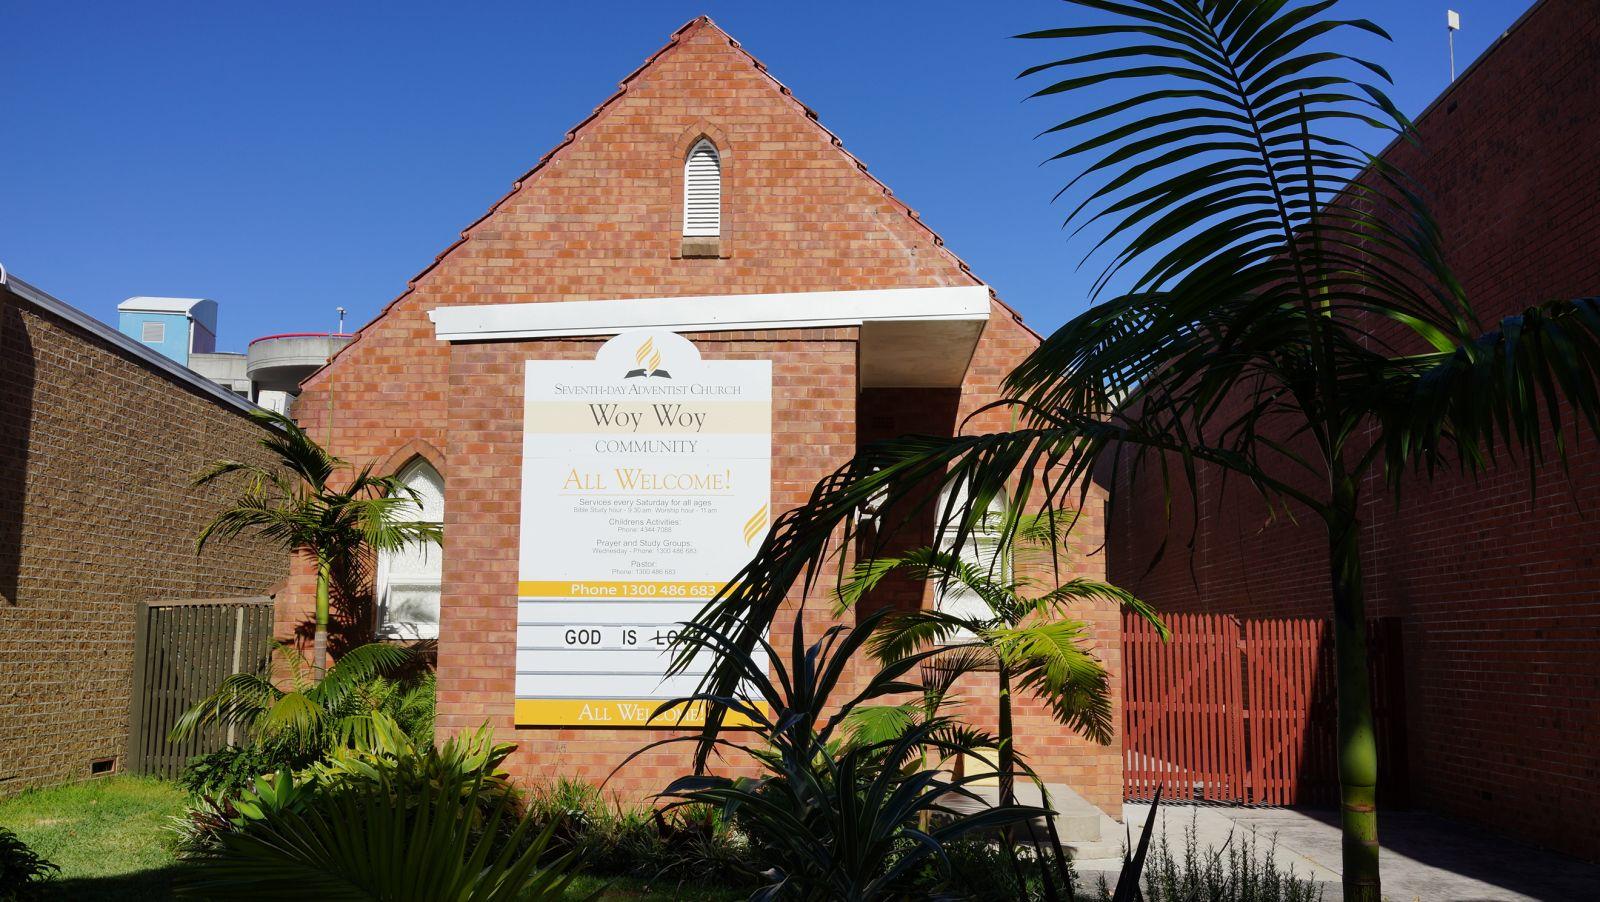 Woy Woy, New South Wales, Australia 6